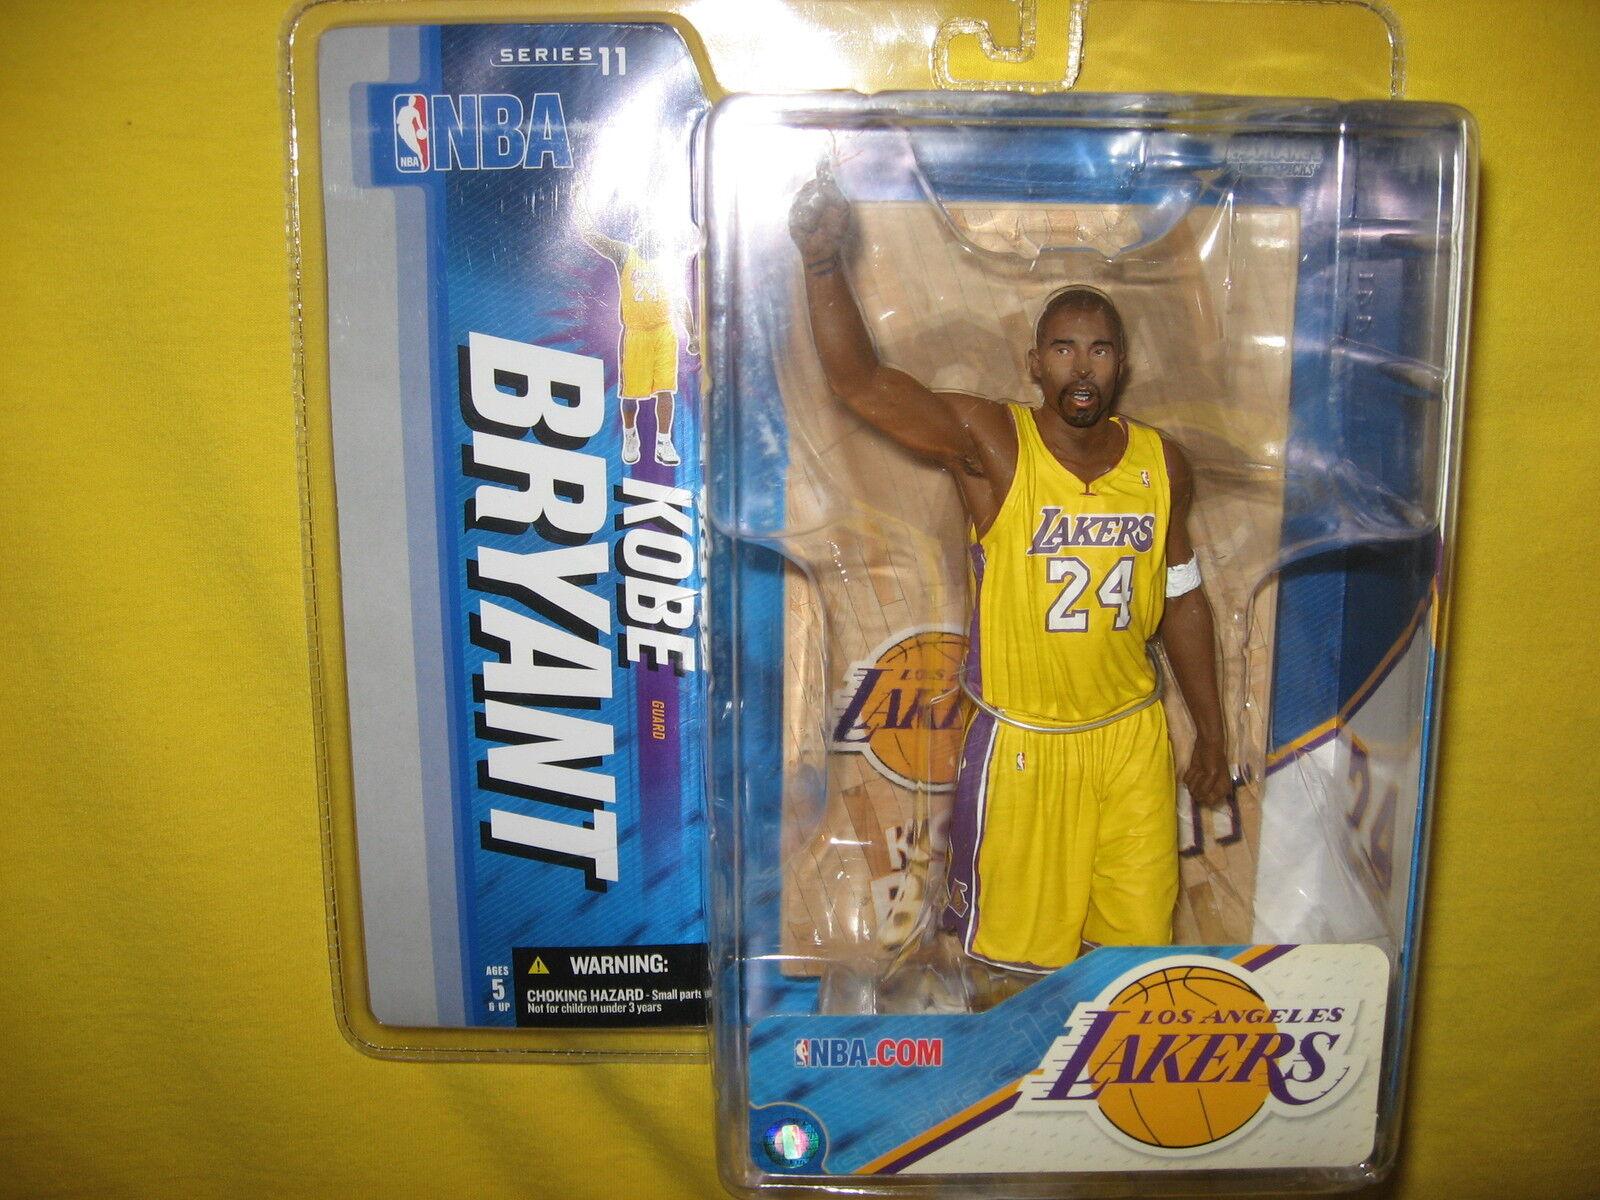 Kobe Bryant  McFarlane NBA Serie 11 Los Angeles Lakers variante de juego de 81 puntos